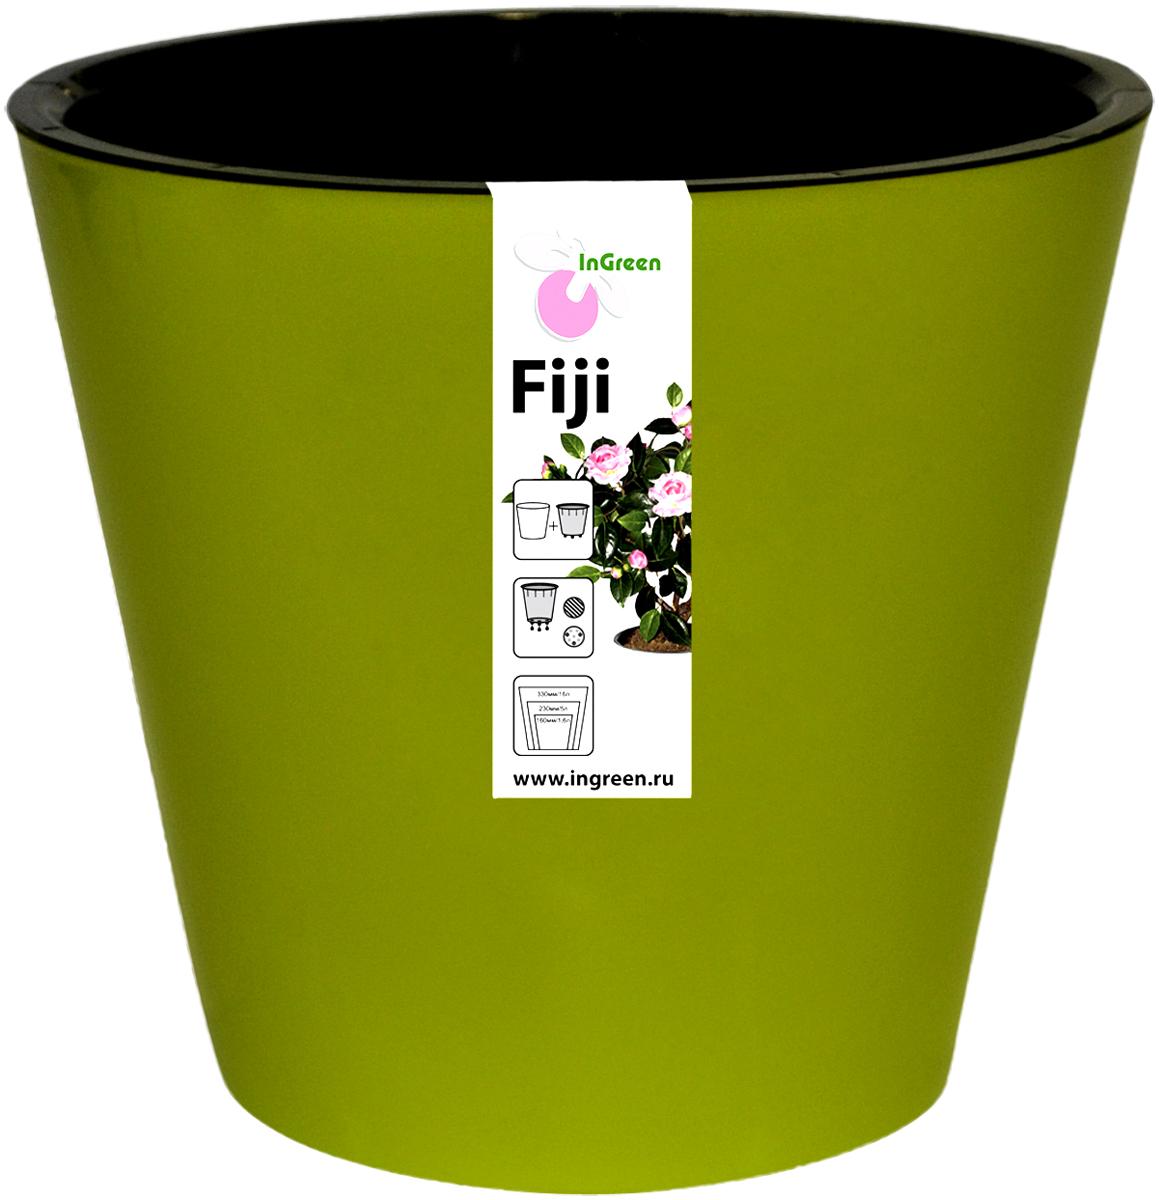 Горшок для цветов InGreen Фиджи, с ситемой автополива, цвет: салатовый, диаметр 16 смING1553СЛГоршок InGreen Фиджи, выполненный из высококачественного пластика, предназначен для выращивания комнатных цветов, растений и трав. Специальная конструкция обеспечивает вентиляцию в корневой системе растения, а дренажные отверстия позволяют выходить лишней влаге из почвы. Изделие состоит из цветного кашпо и внутреннего горшка. Растение высаживается во внутренний горшок и вставляется в кашпо. Инновационная система автополива обладает рядом преимуществ: экономит время при уходе за растением, вода не протекает при поливе и нет необходимости в подставке, корни не застаиваются в воде.Такой горшок порадует вас современным дизайном и функциональностью, а также оригинально украсит интерьер любого помещения. Объем: 1,6 л. Диаметр (по верхнему краю): 16 см.Высота: 14,5 см.